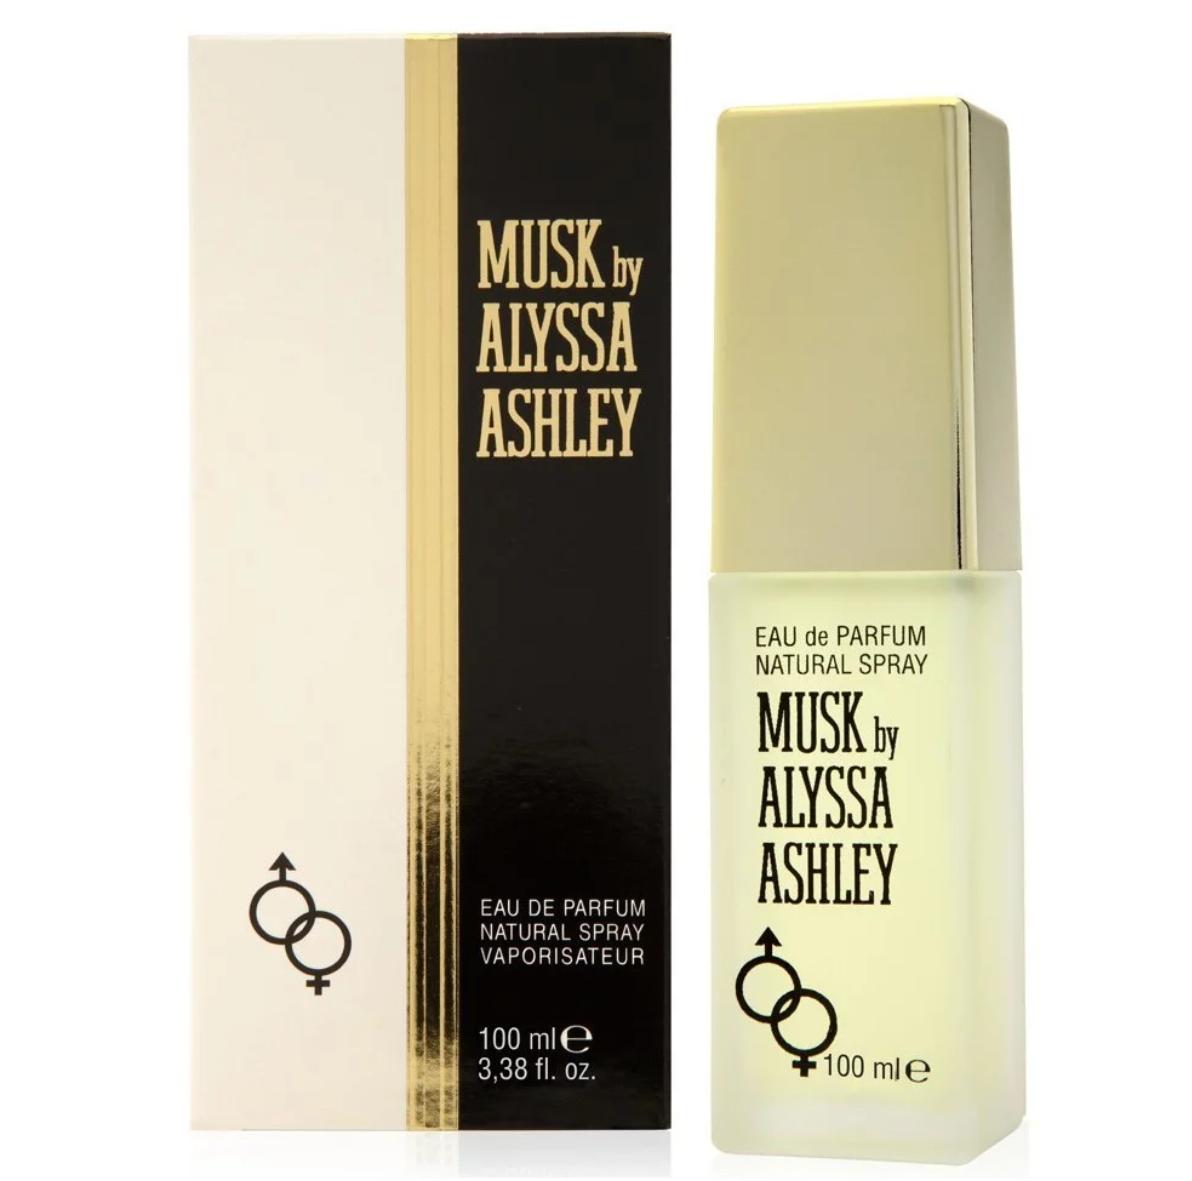 Alyssa Ashley - MUSK - eau de parfum